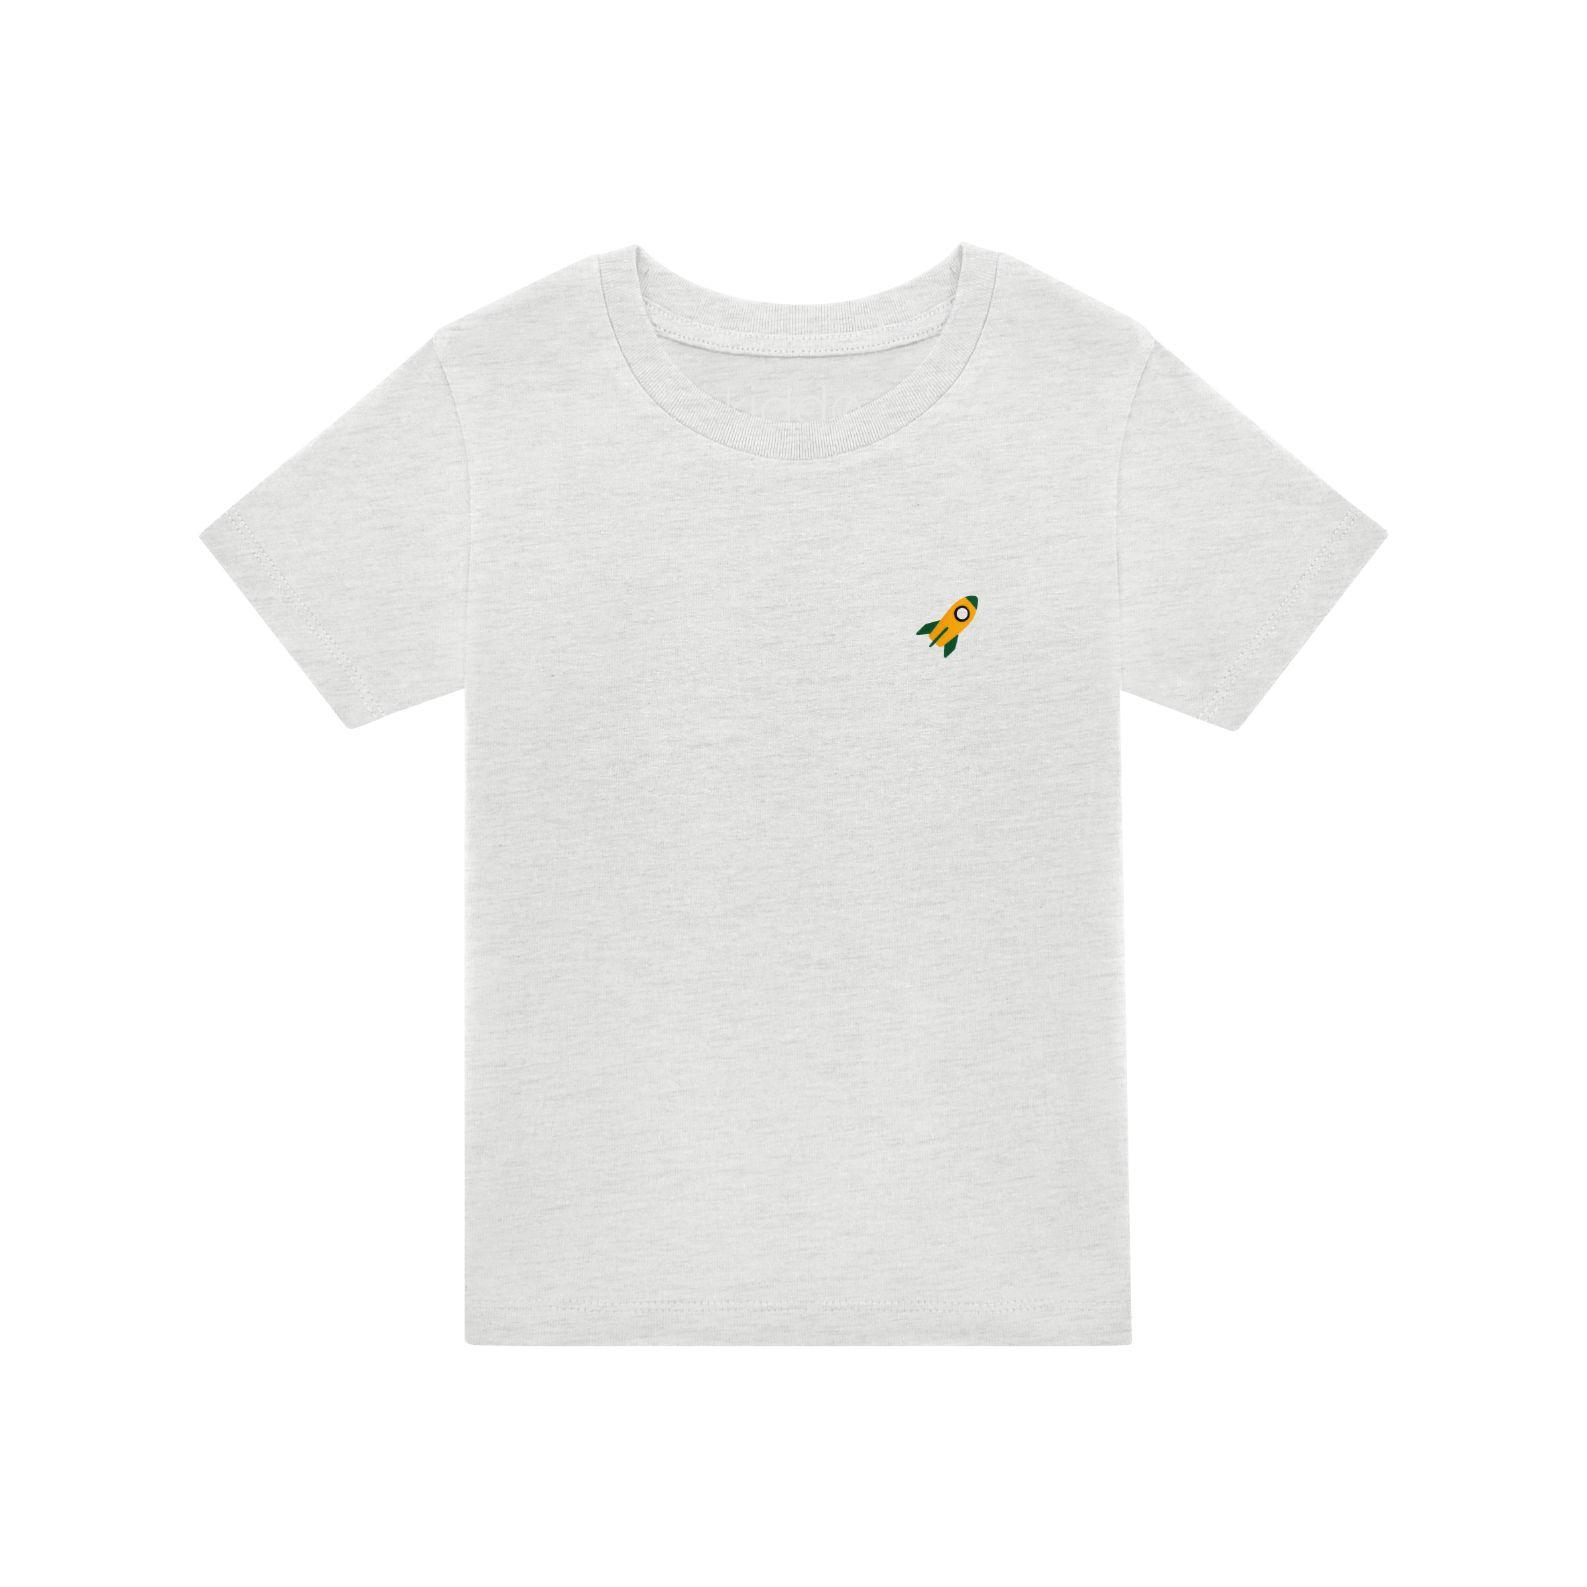 kiddø – Rocket – t-shirt